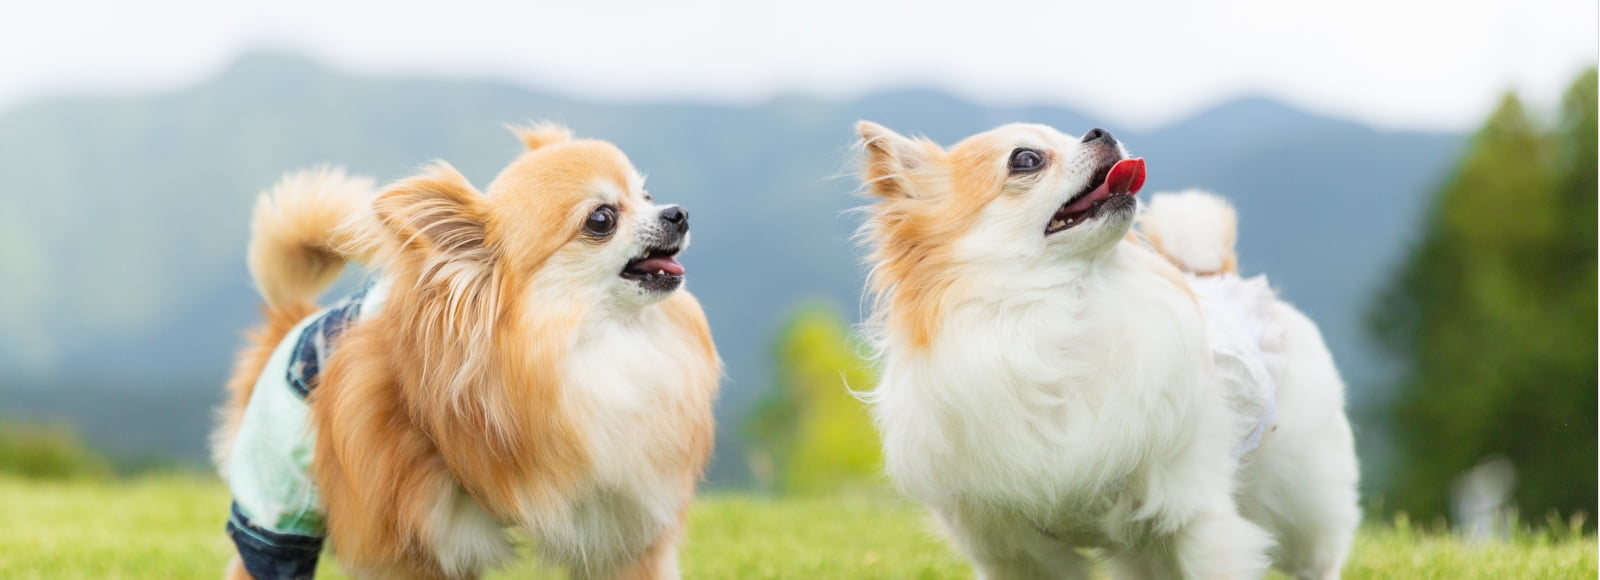 トップメインイメージ 犬の写真